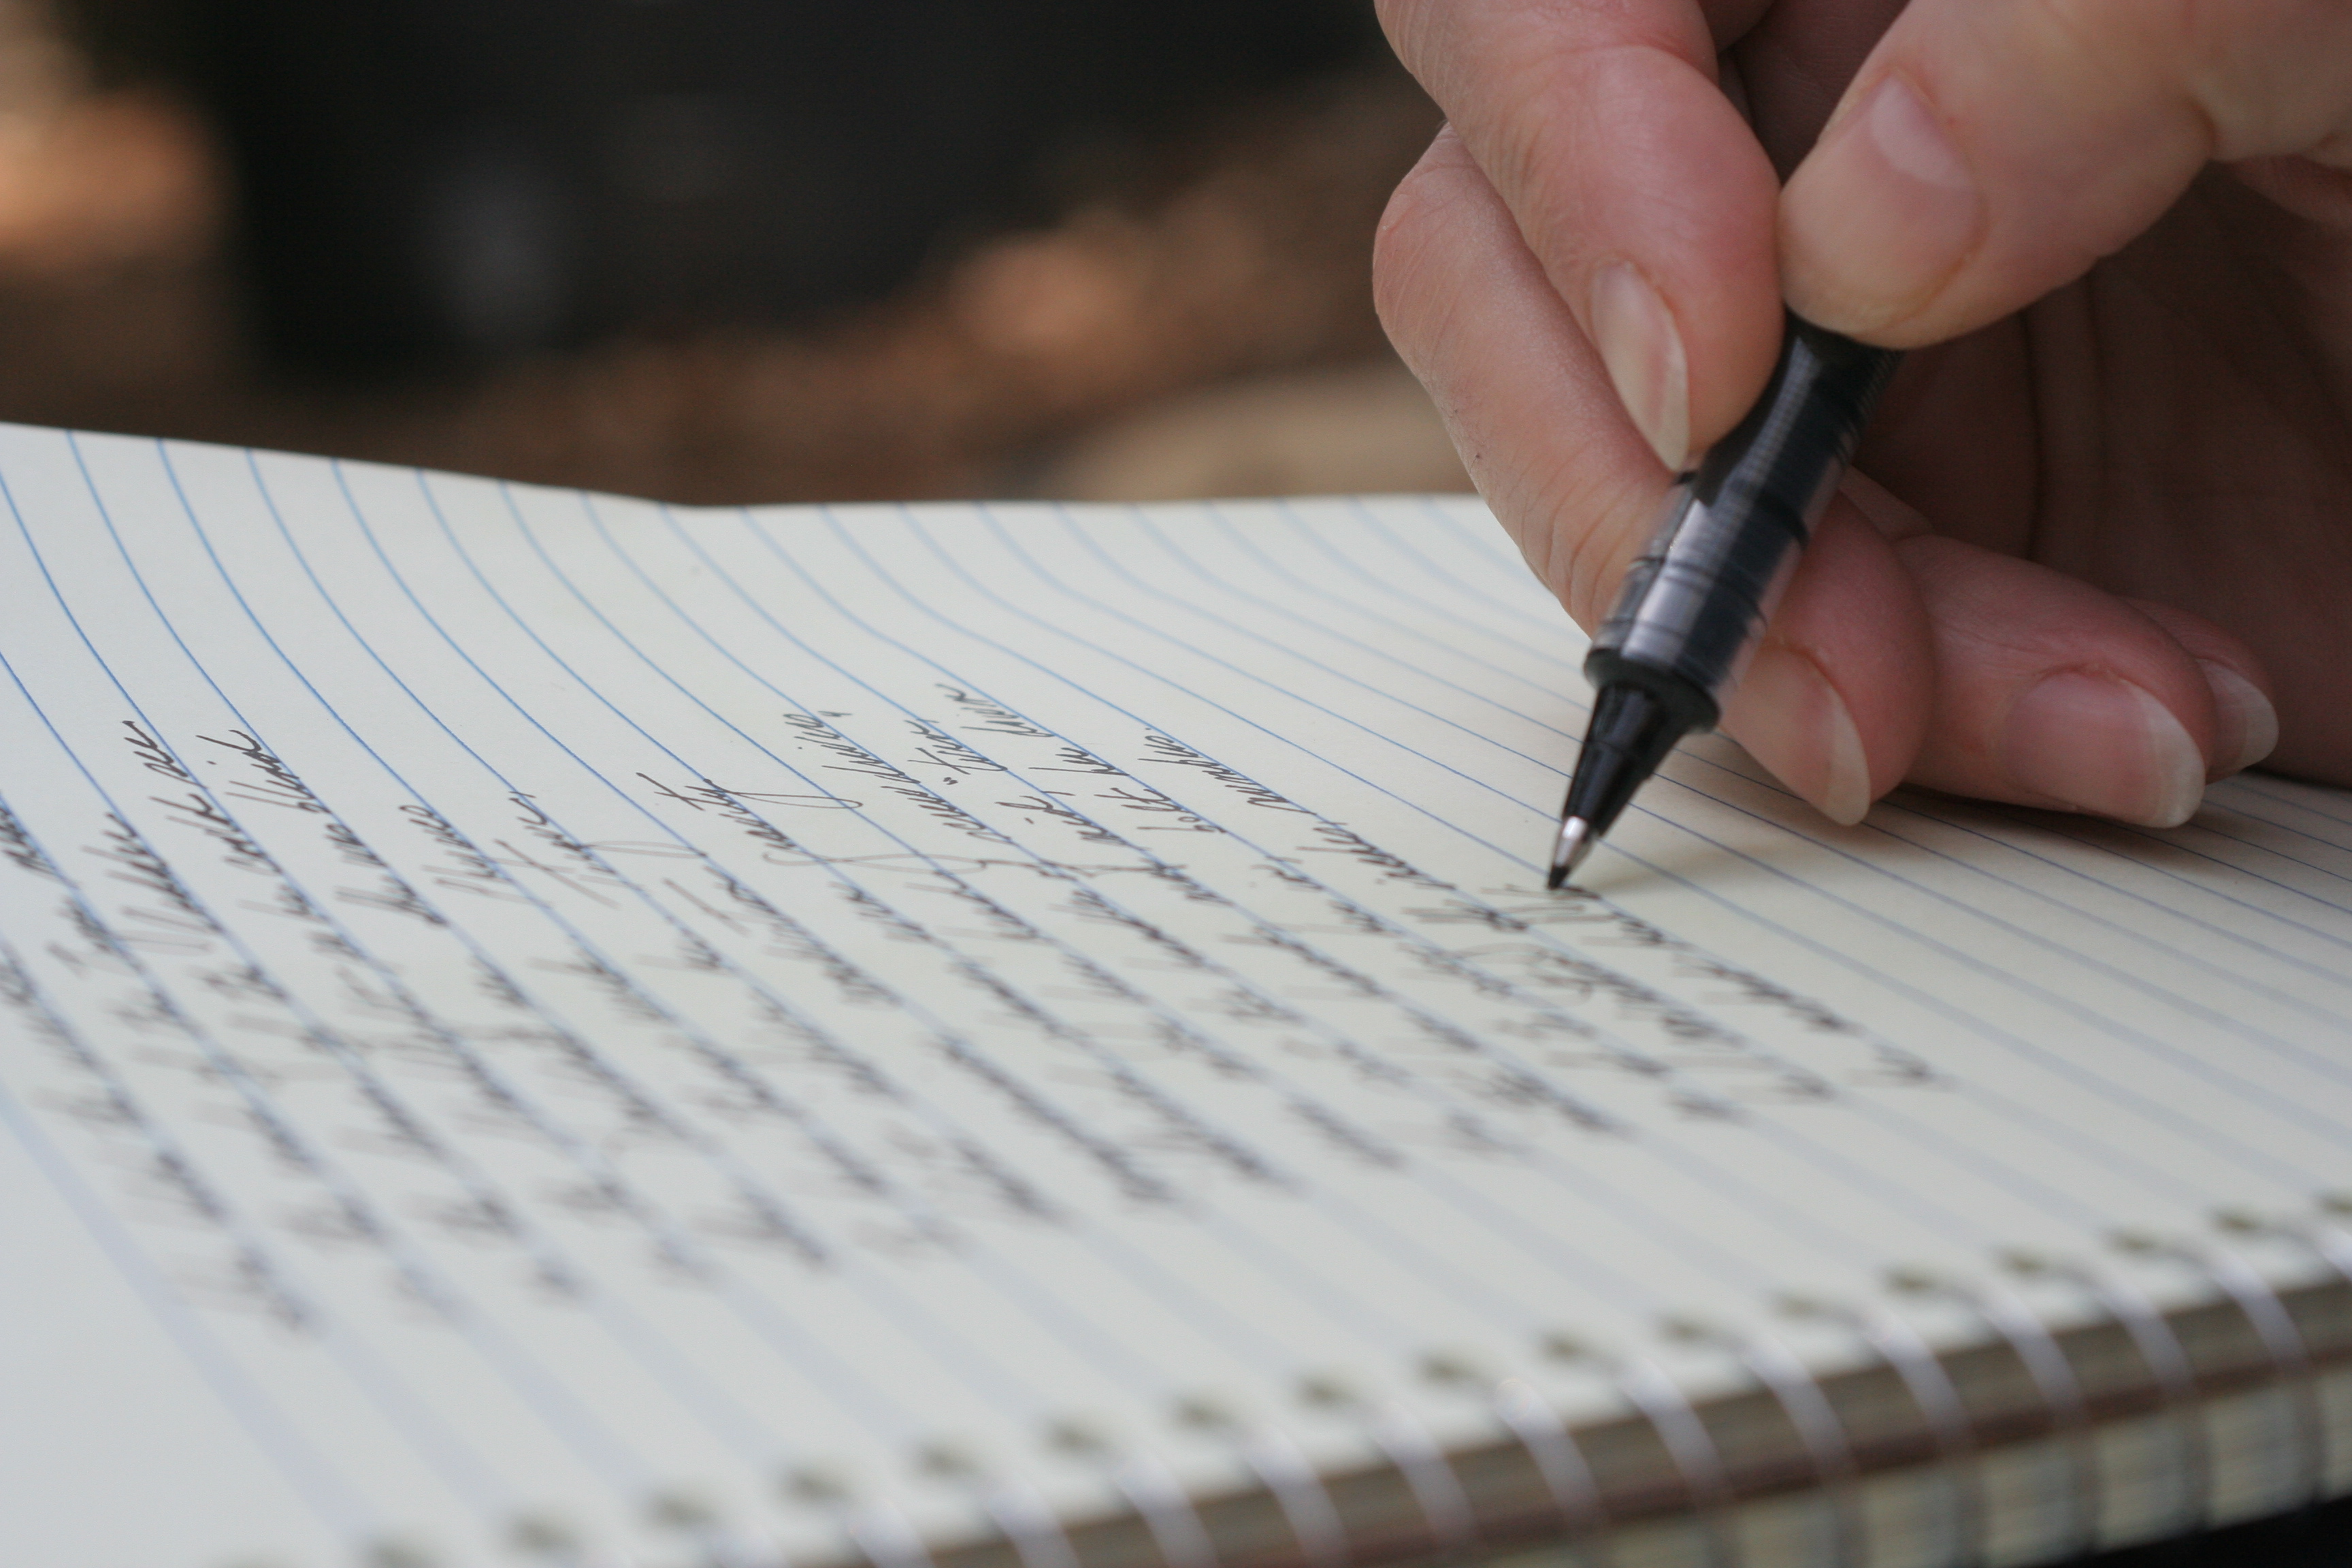 Картинка с листом бумаги и ручкой